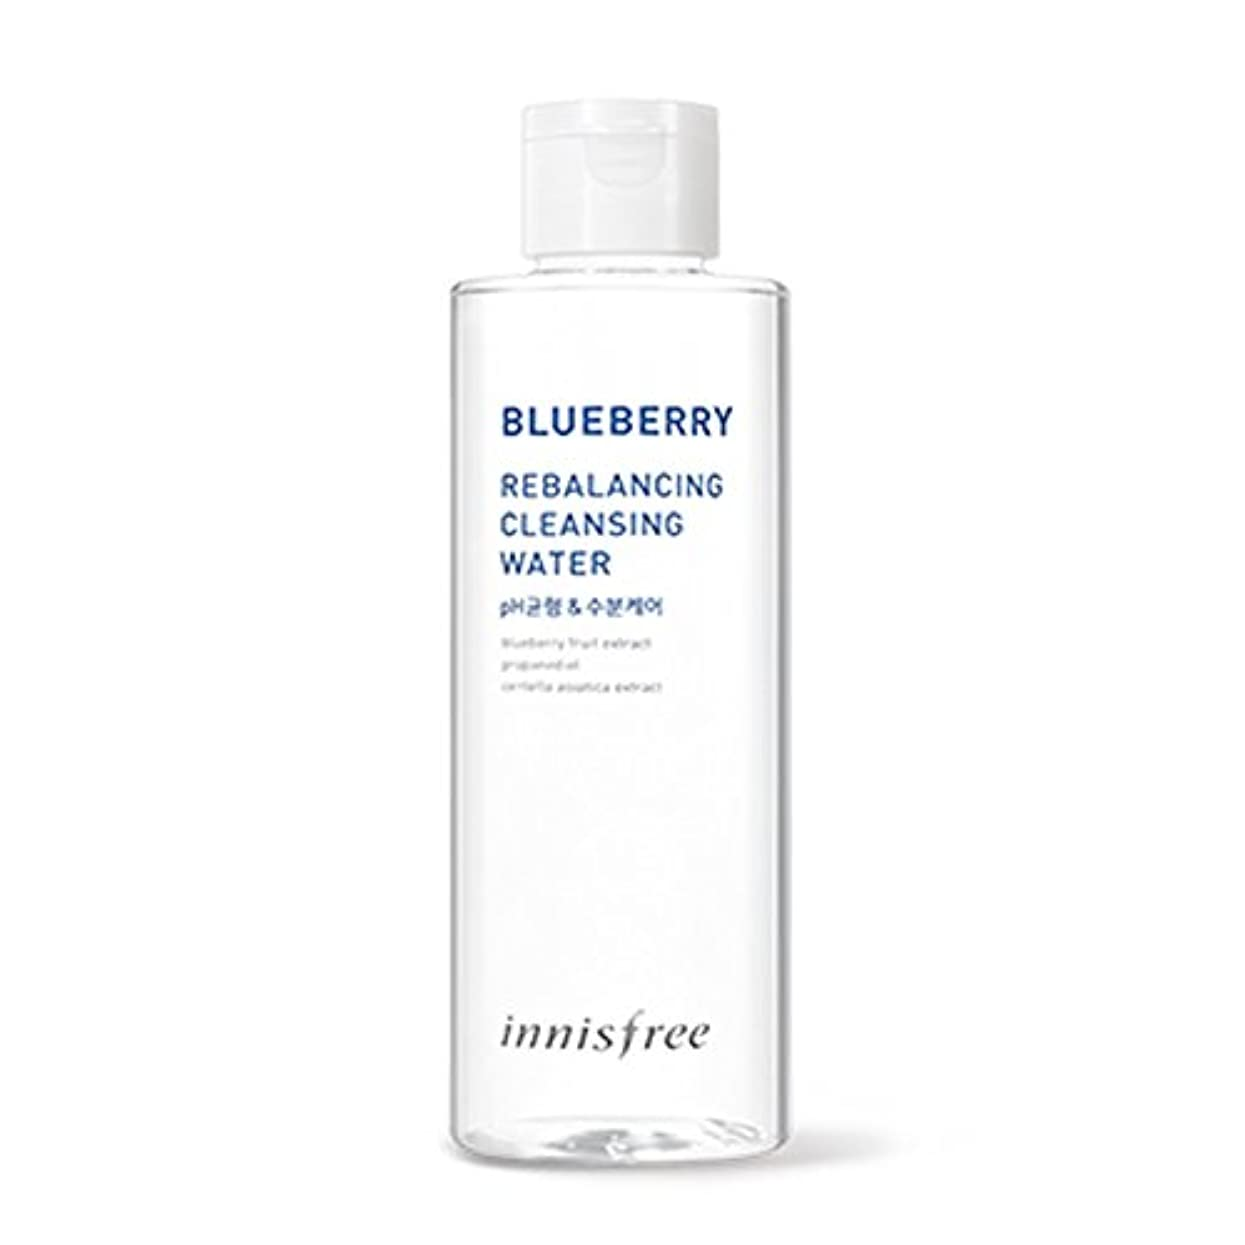 狂うミネラル相互イニスフリーブルーベリーリバランシングクレンジングウォーター200ml Innisfree Blueberry Rebalancing Cleansing Water 200ml [海外直送品][並行輸入品]